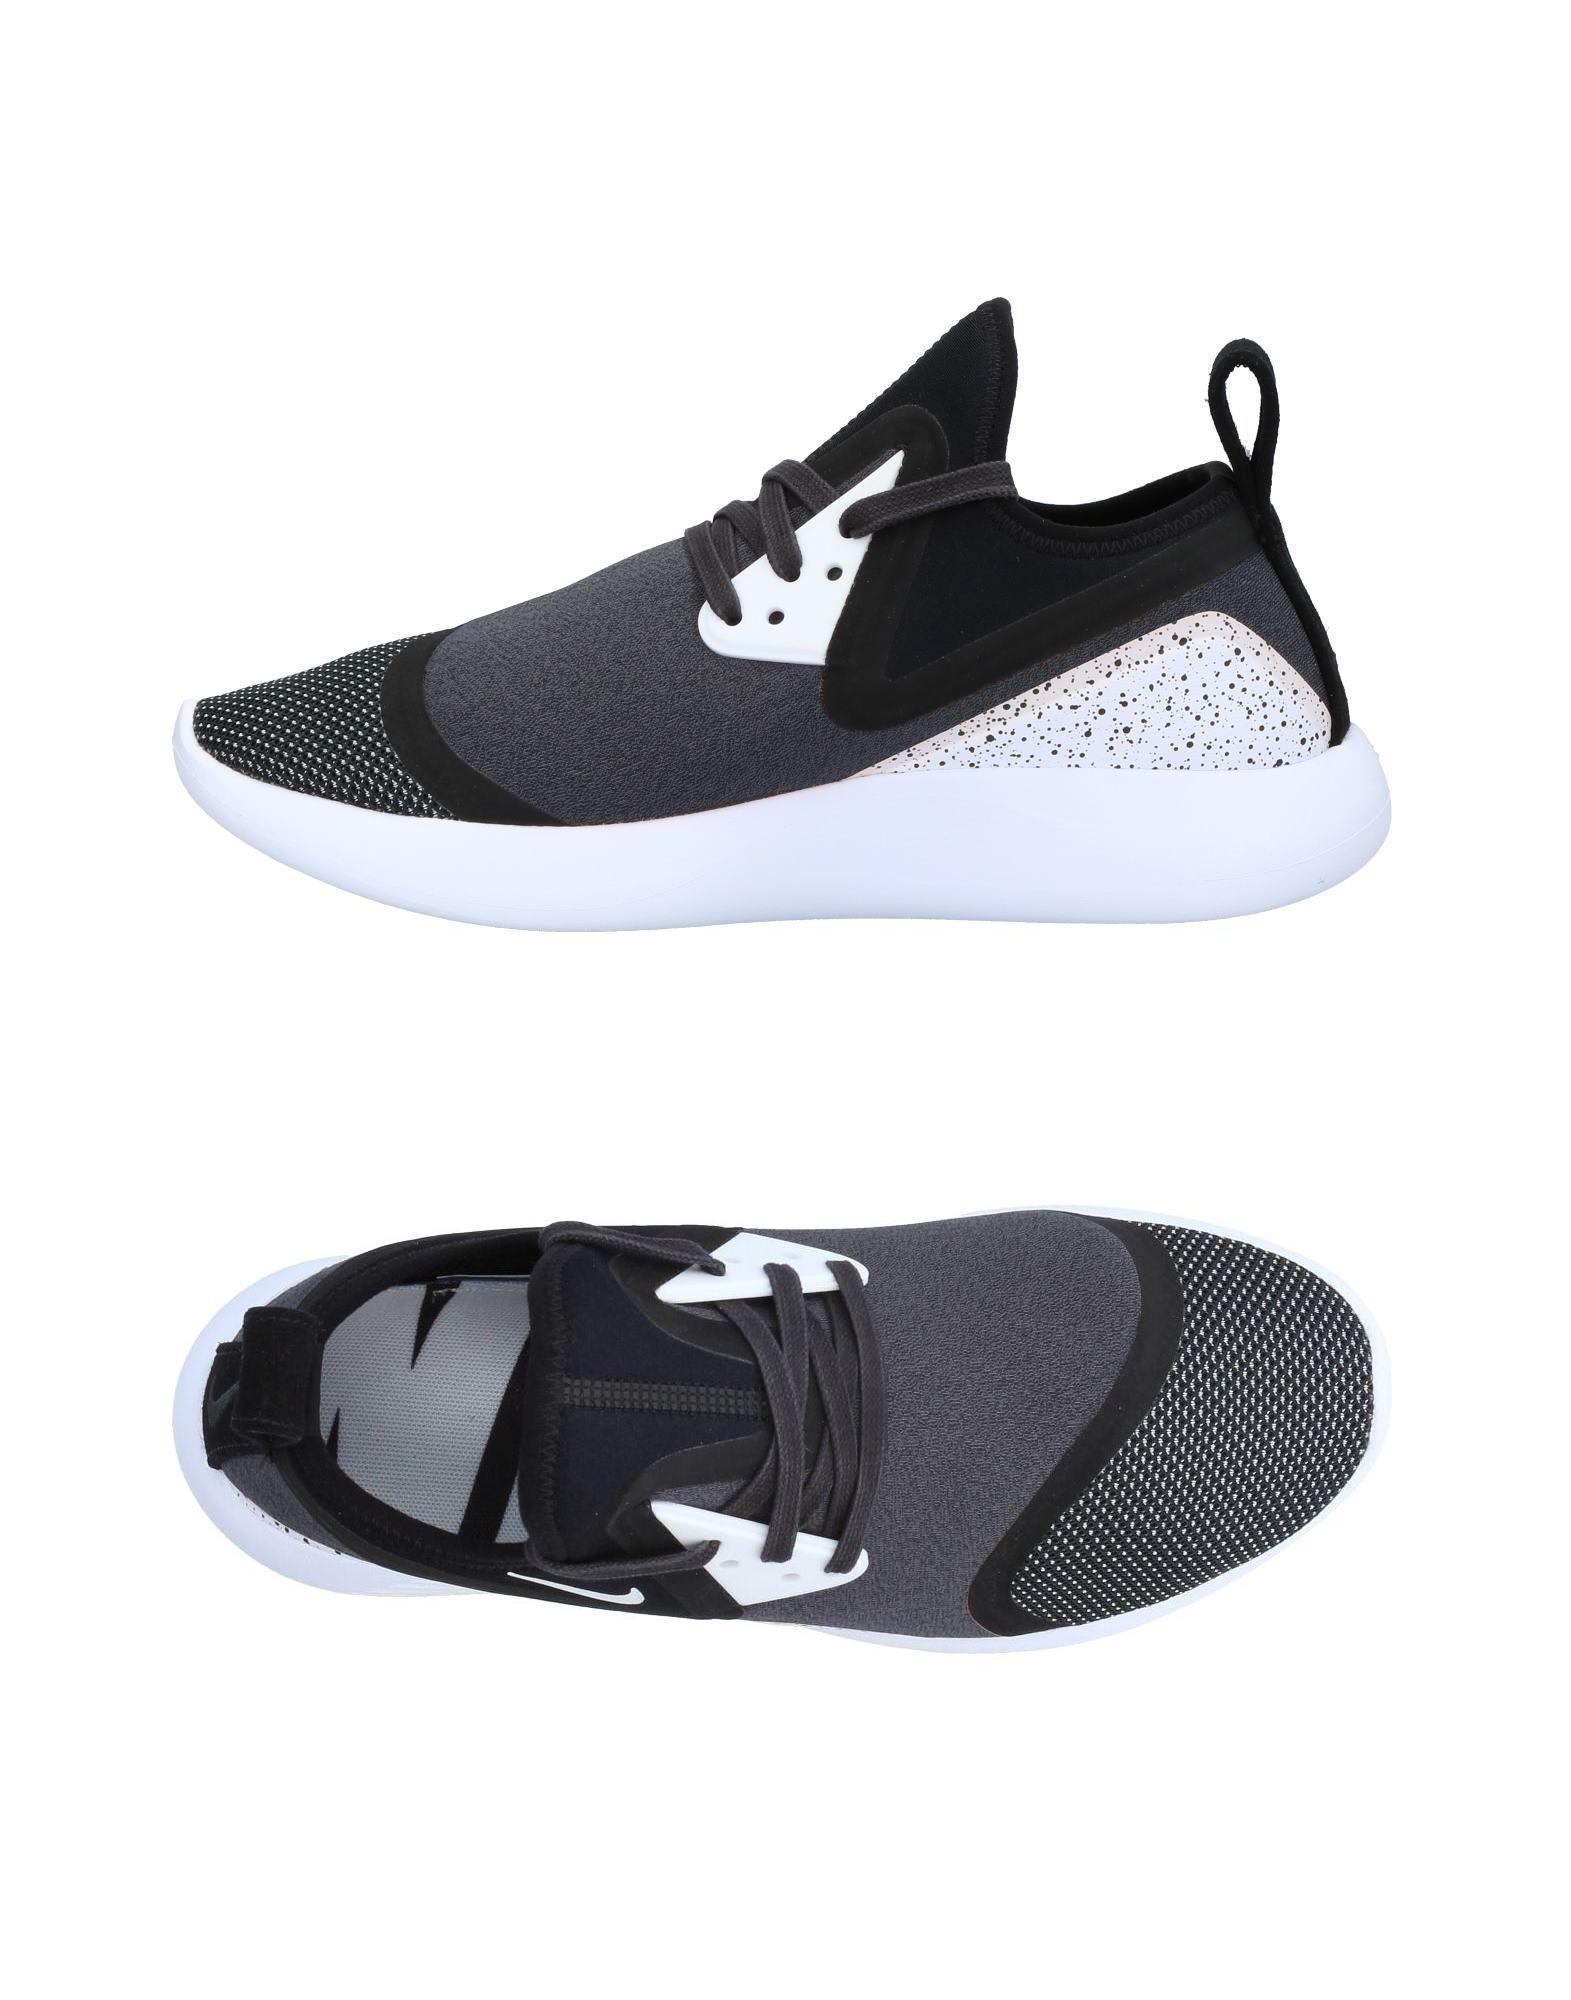 Sneakers Nike Uomo - 11368177LR Scarpe economiche e buone